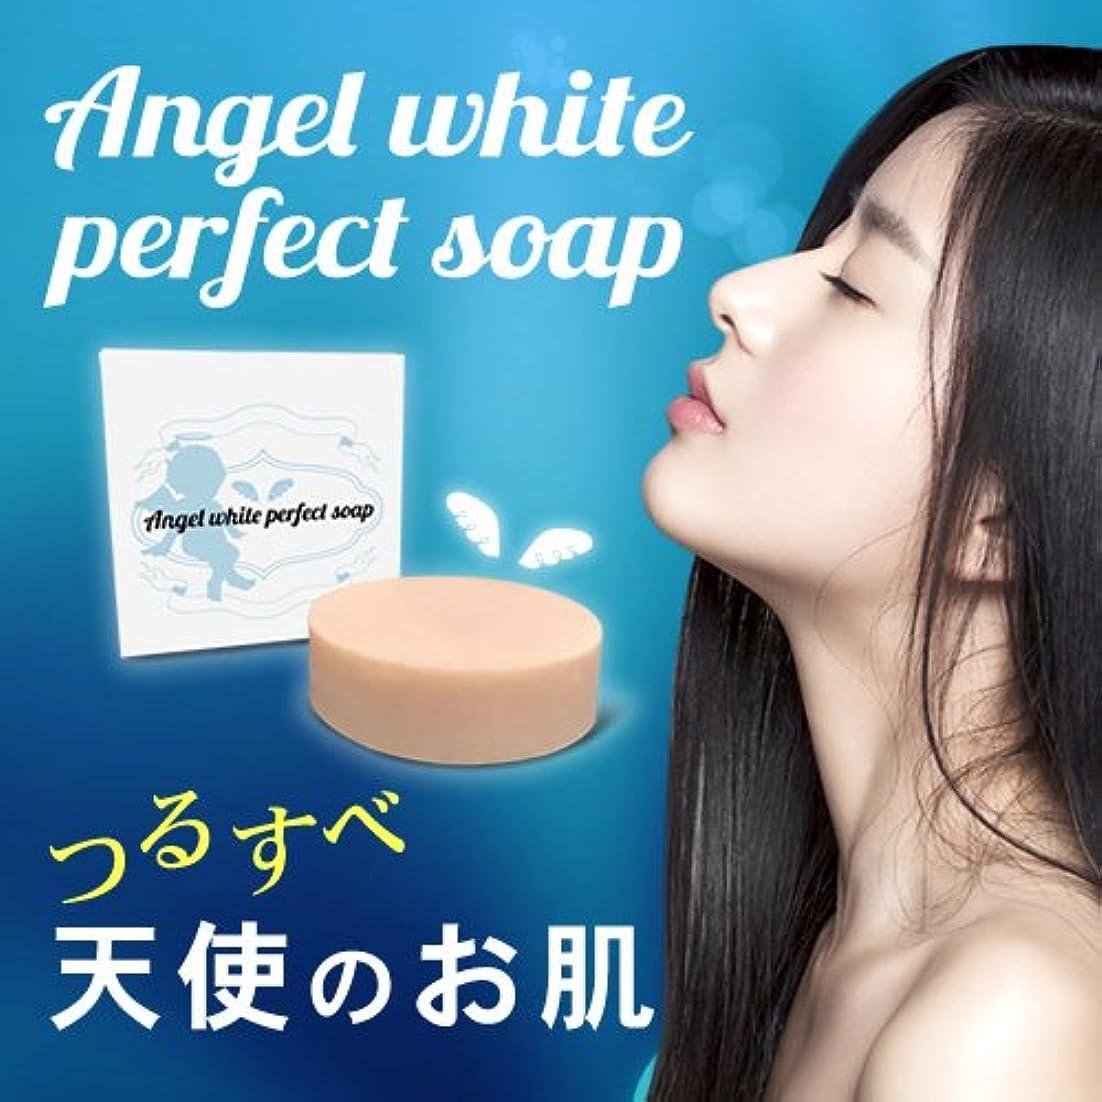 とまり木議会ロシアAngel White Perfect Soap(エンジェルホワイトパーフェクトソープ) 美白 美白石けん 美肌 洗顔石鹸